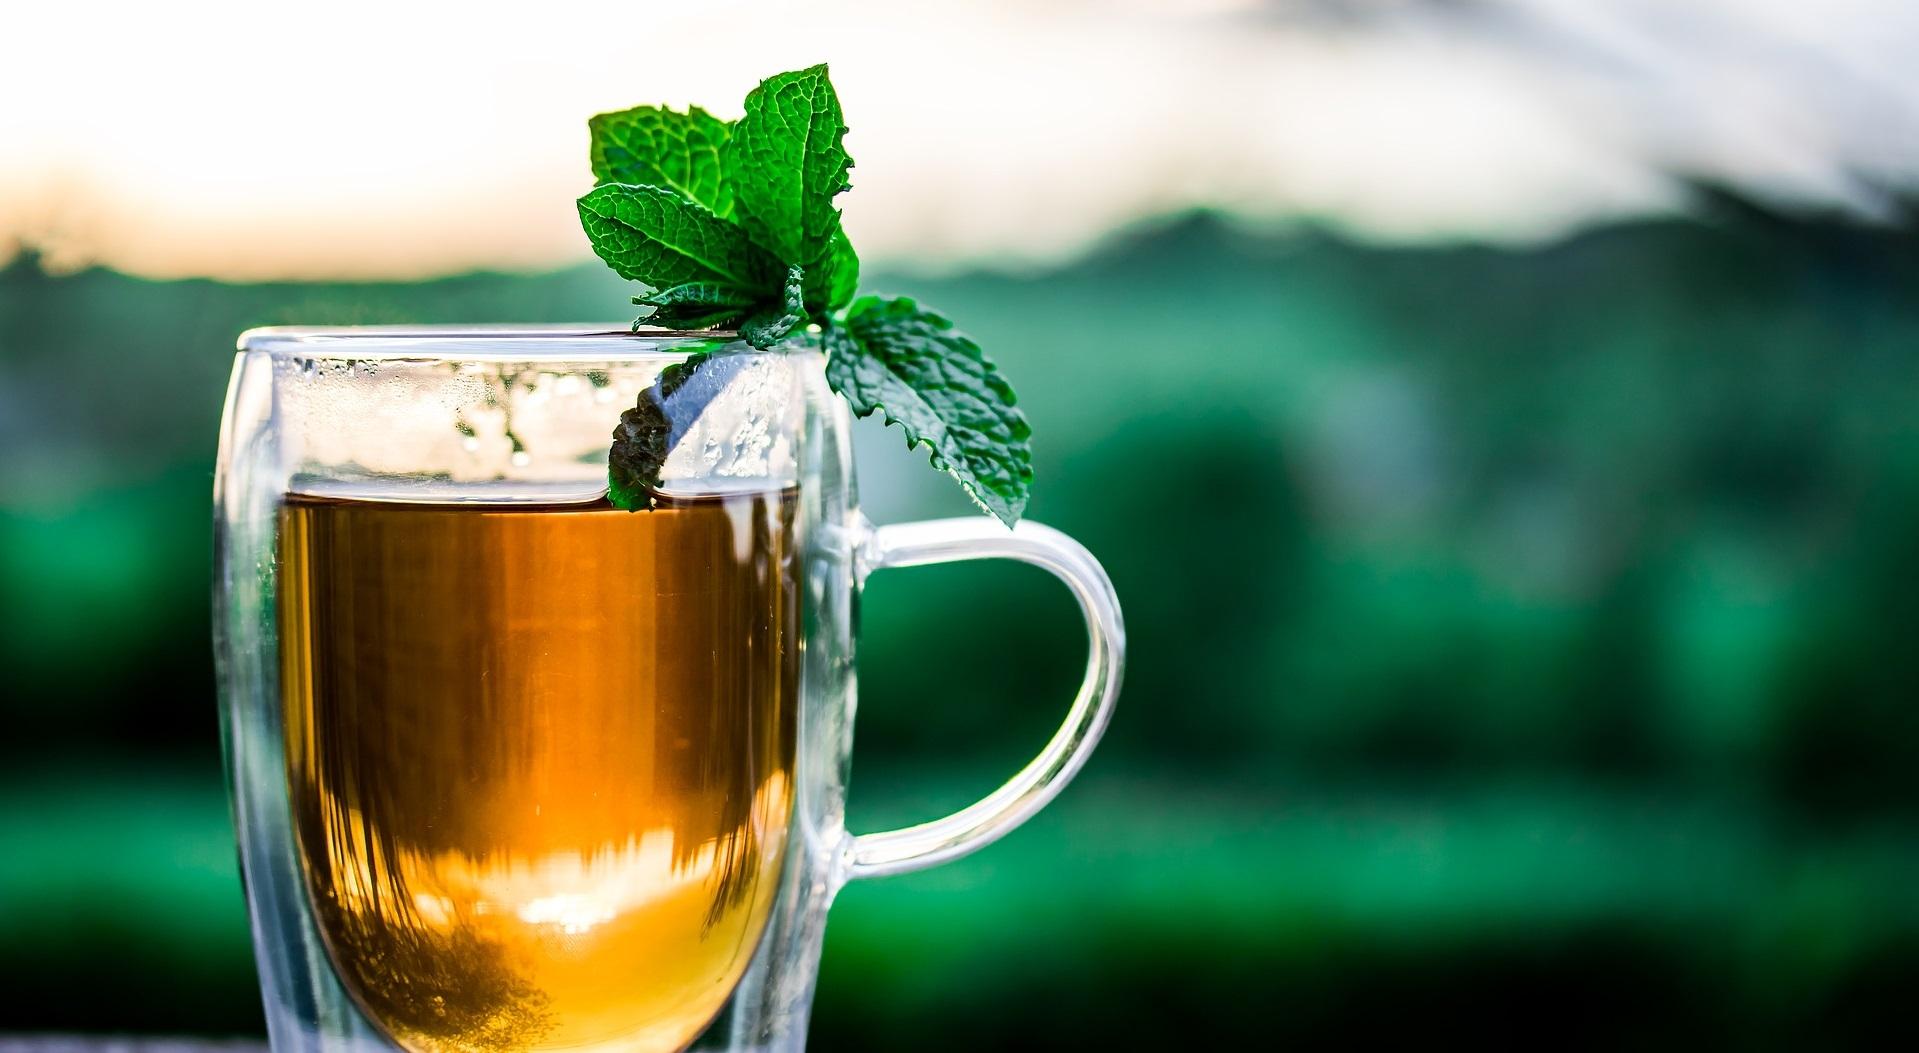 teacup of organic tea